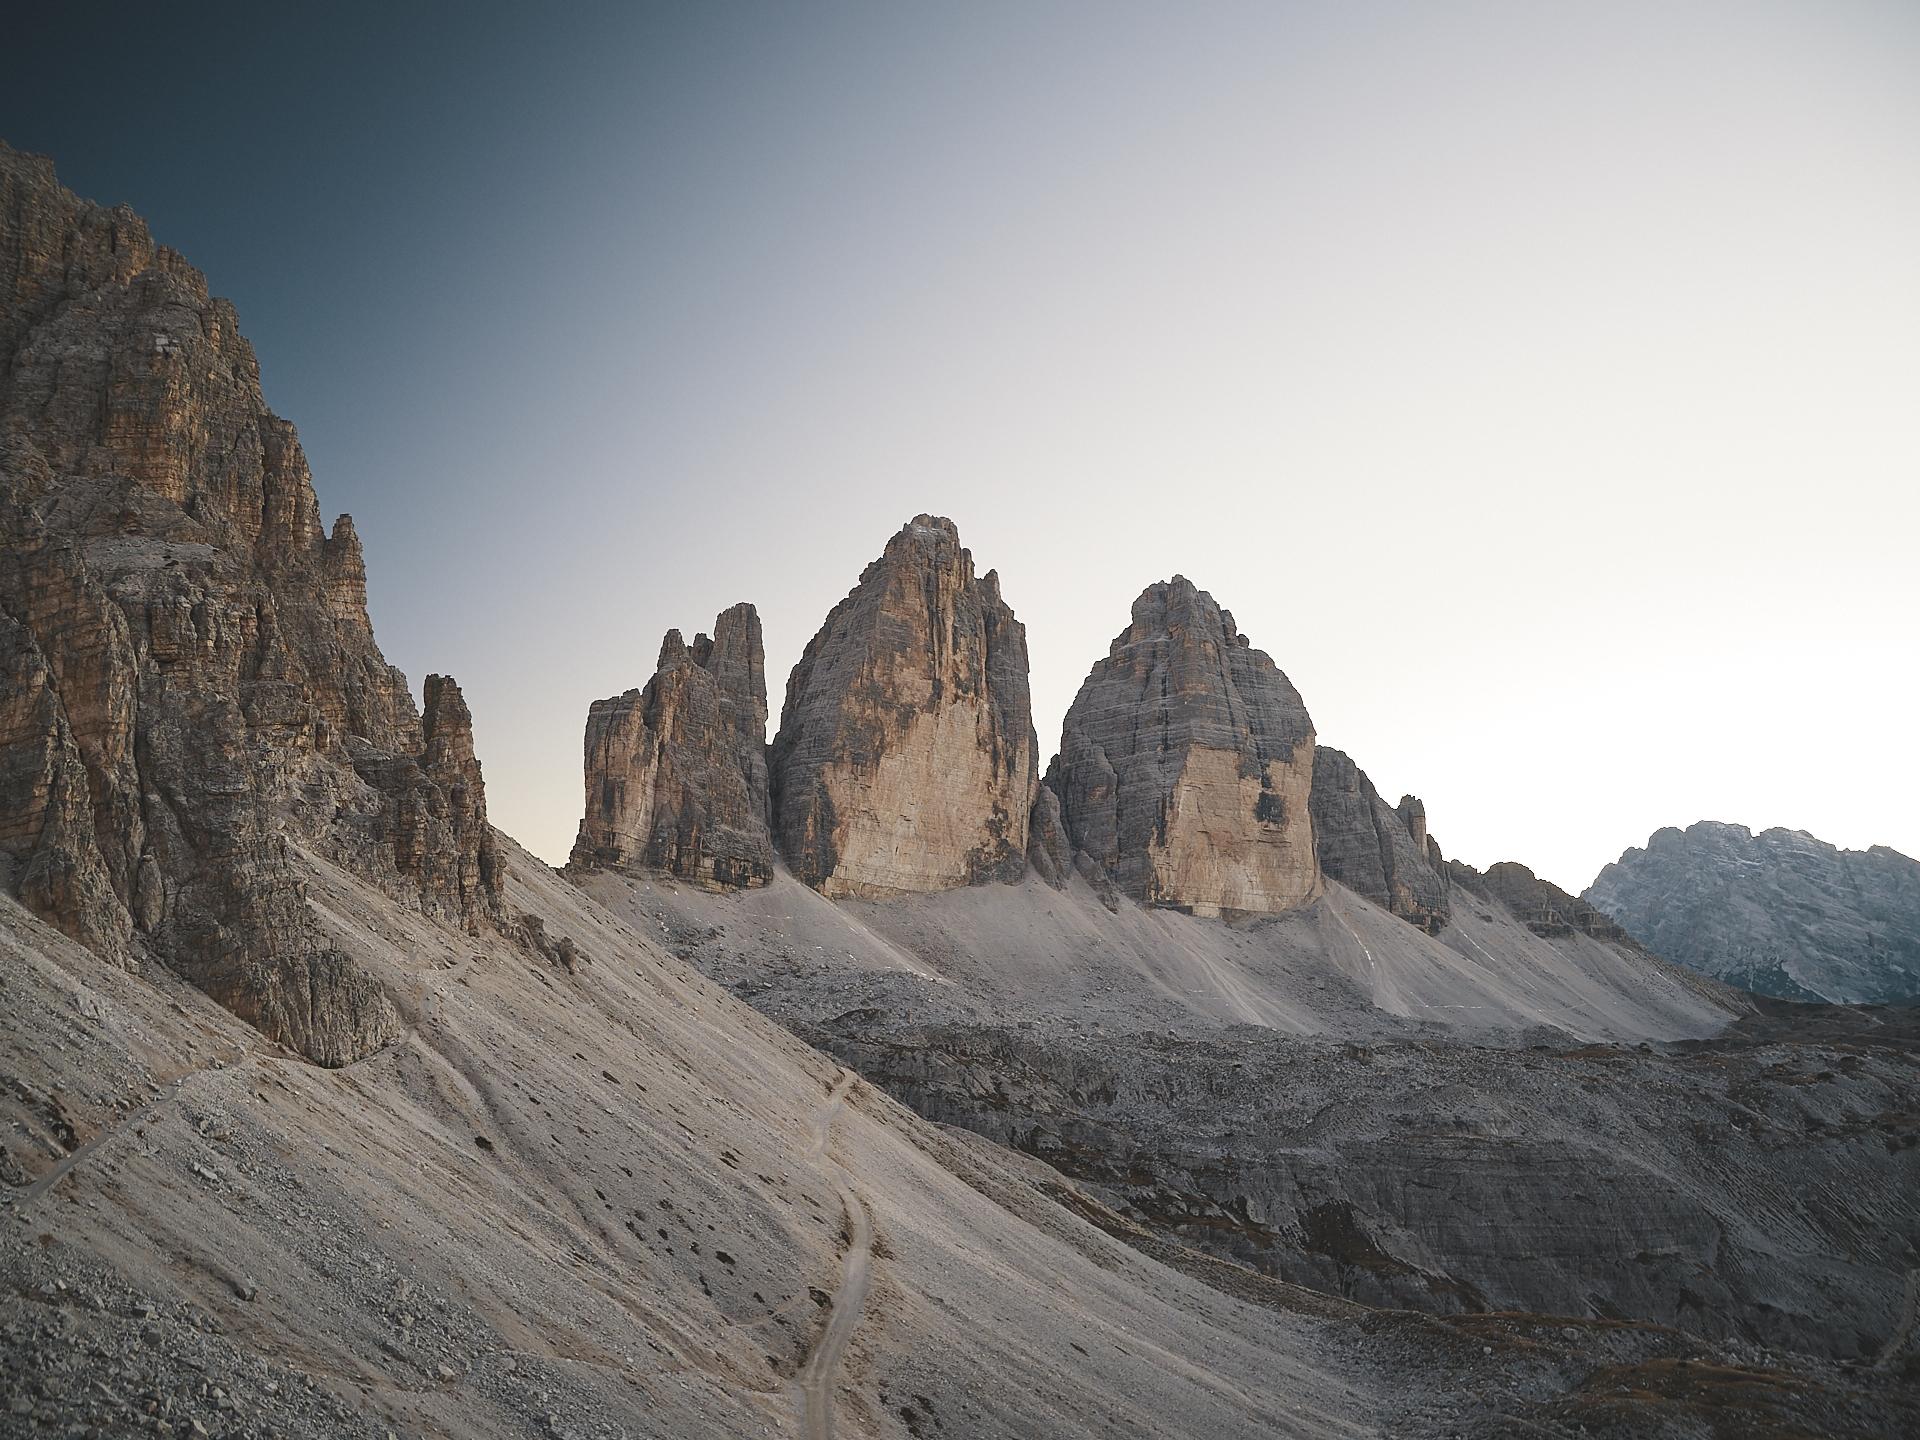 Three Peaks, Dolomites, Italy